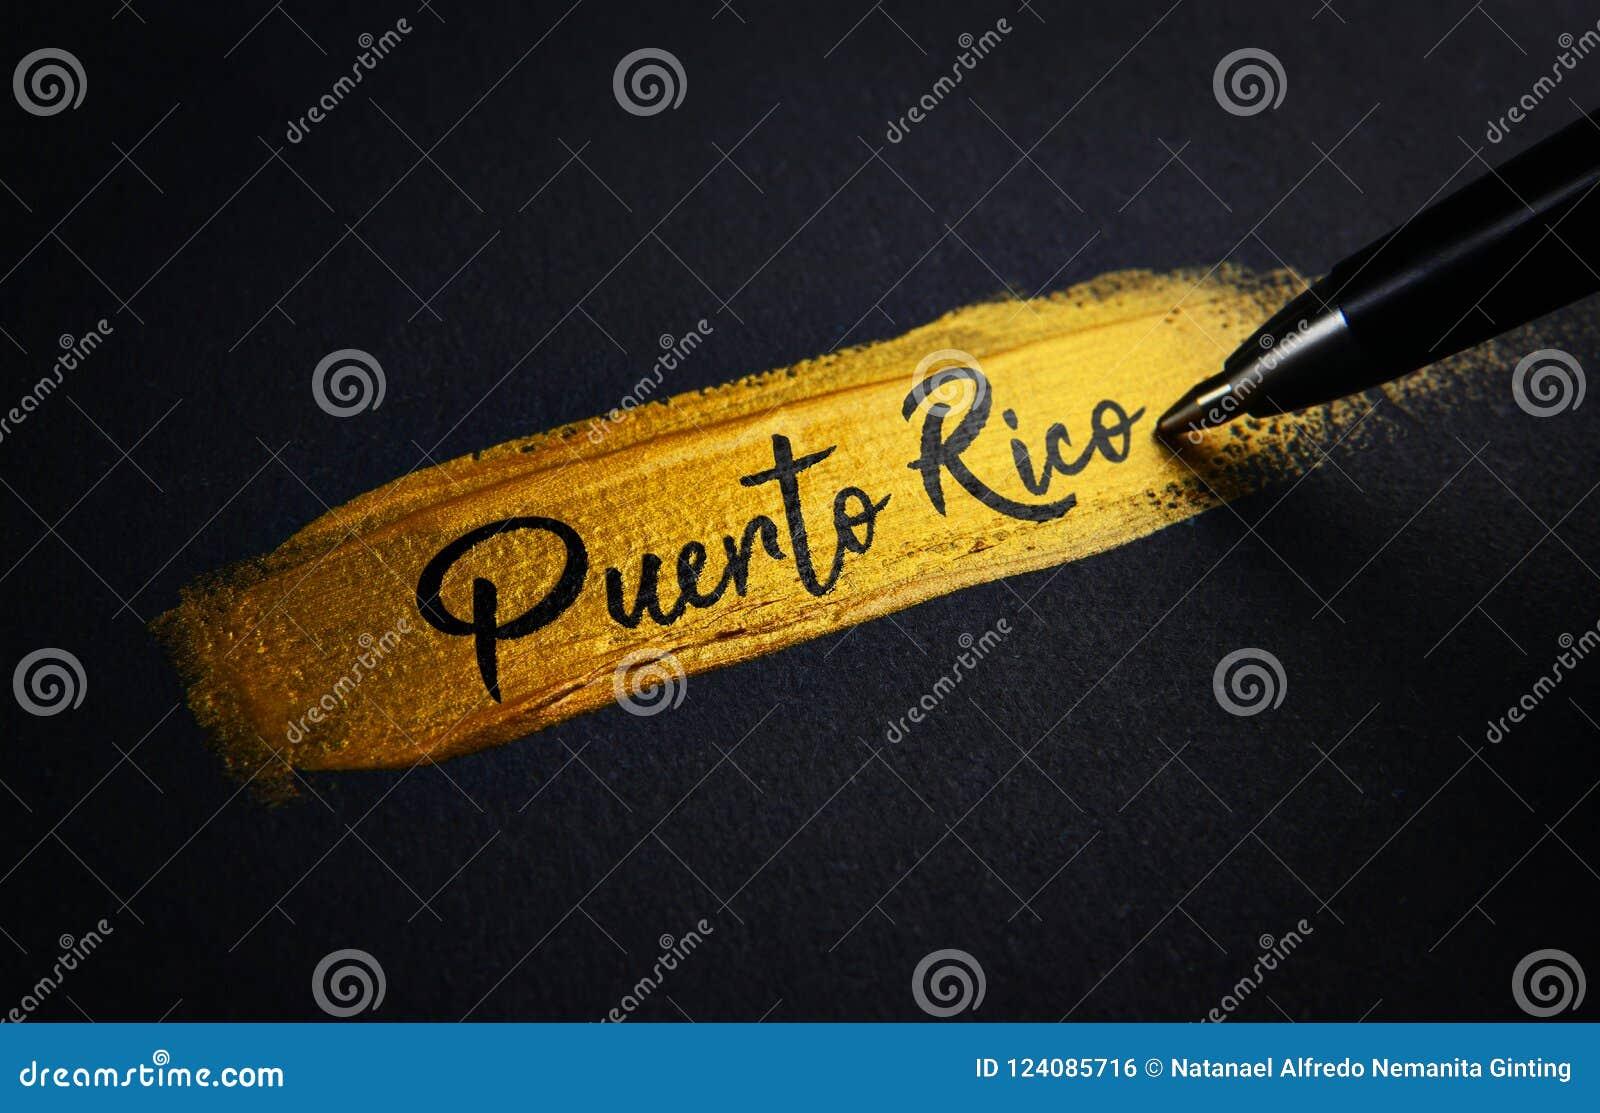 Puerto Rico Handwriting tekst na Złotym farby muśnięcia uderzeniu